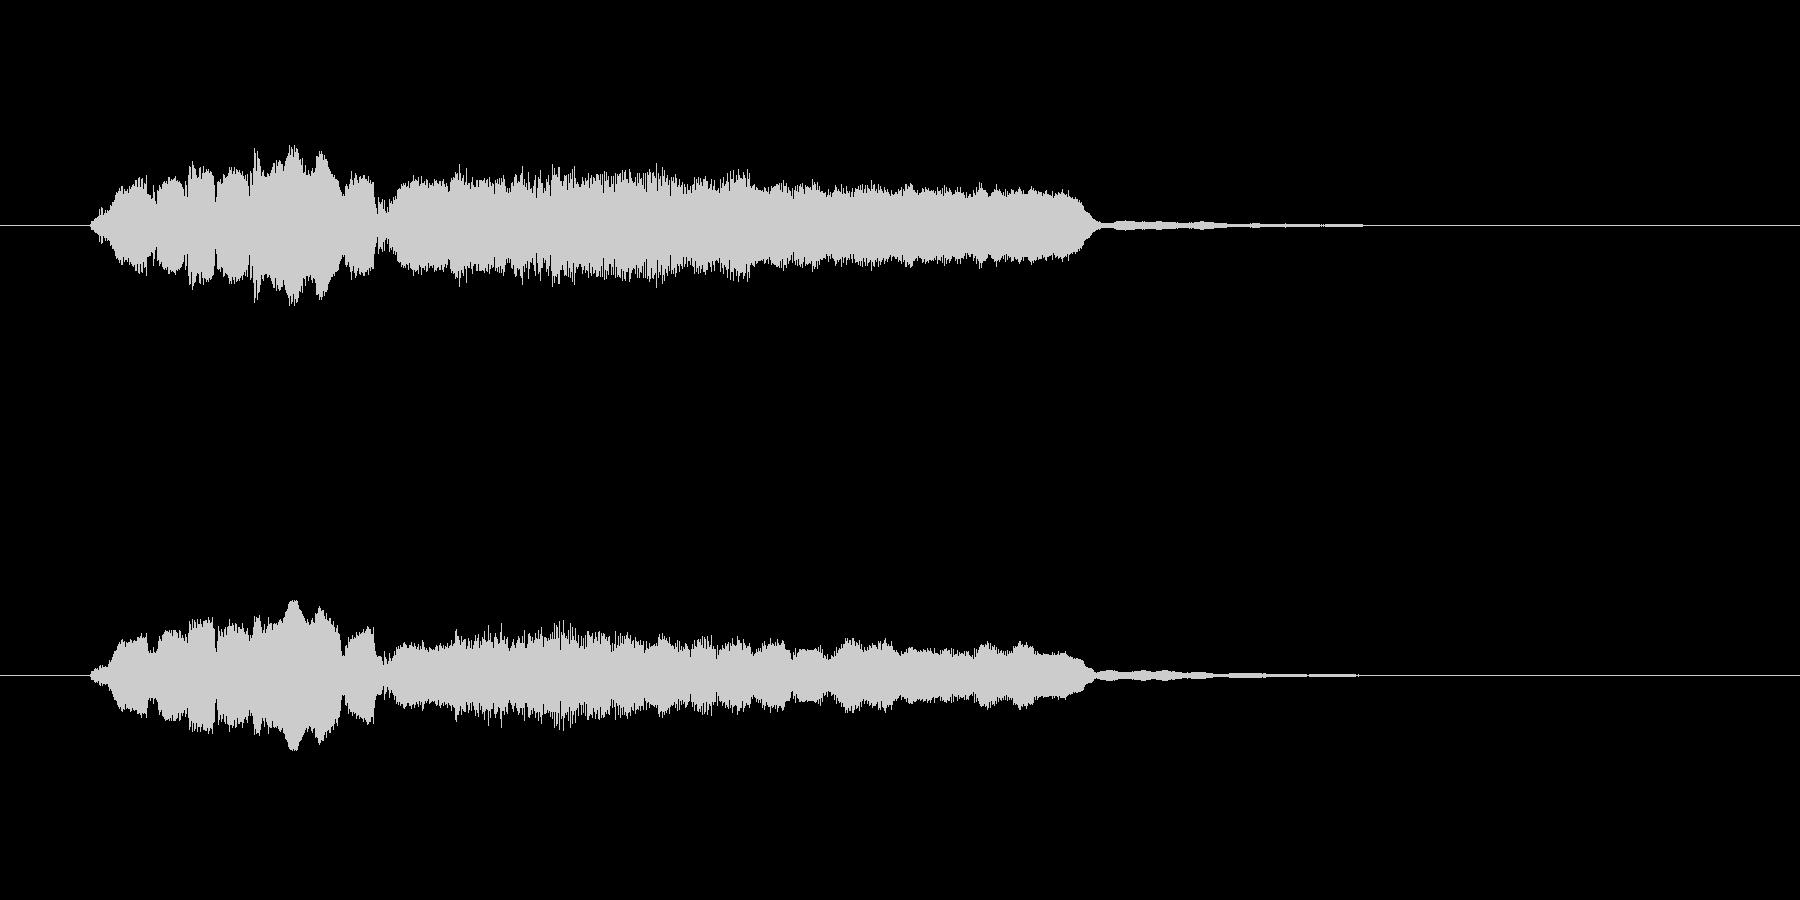 フルートとエレピの優しいサウンドの未再生の波形